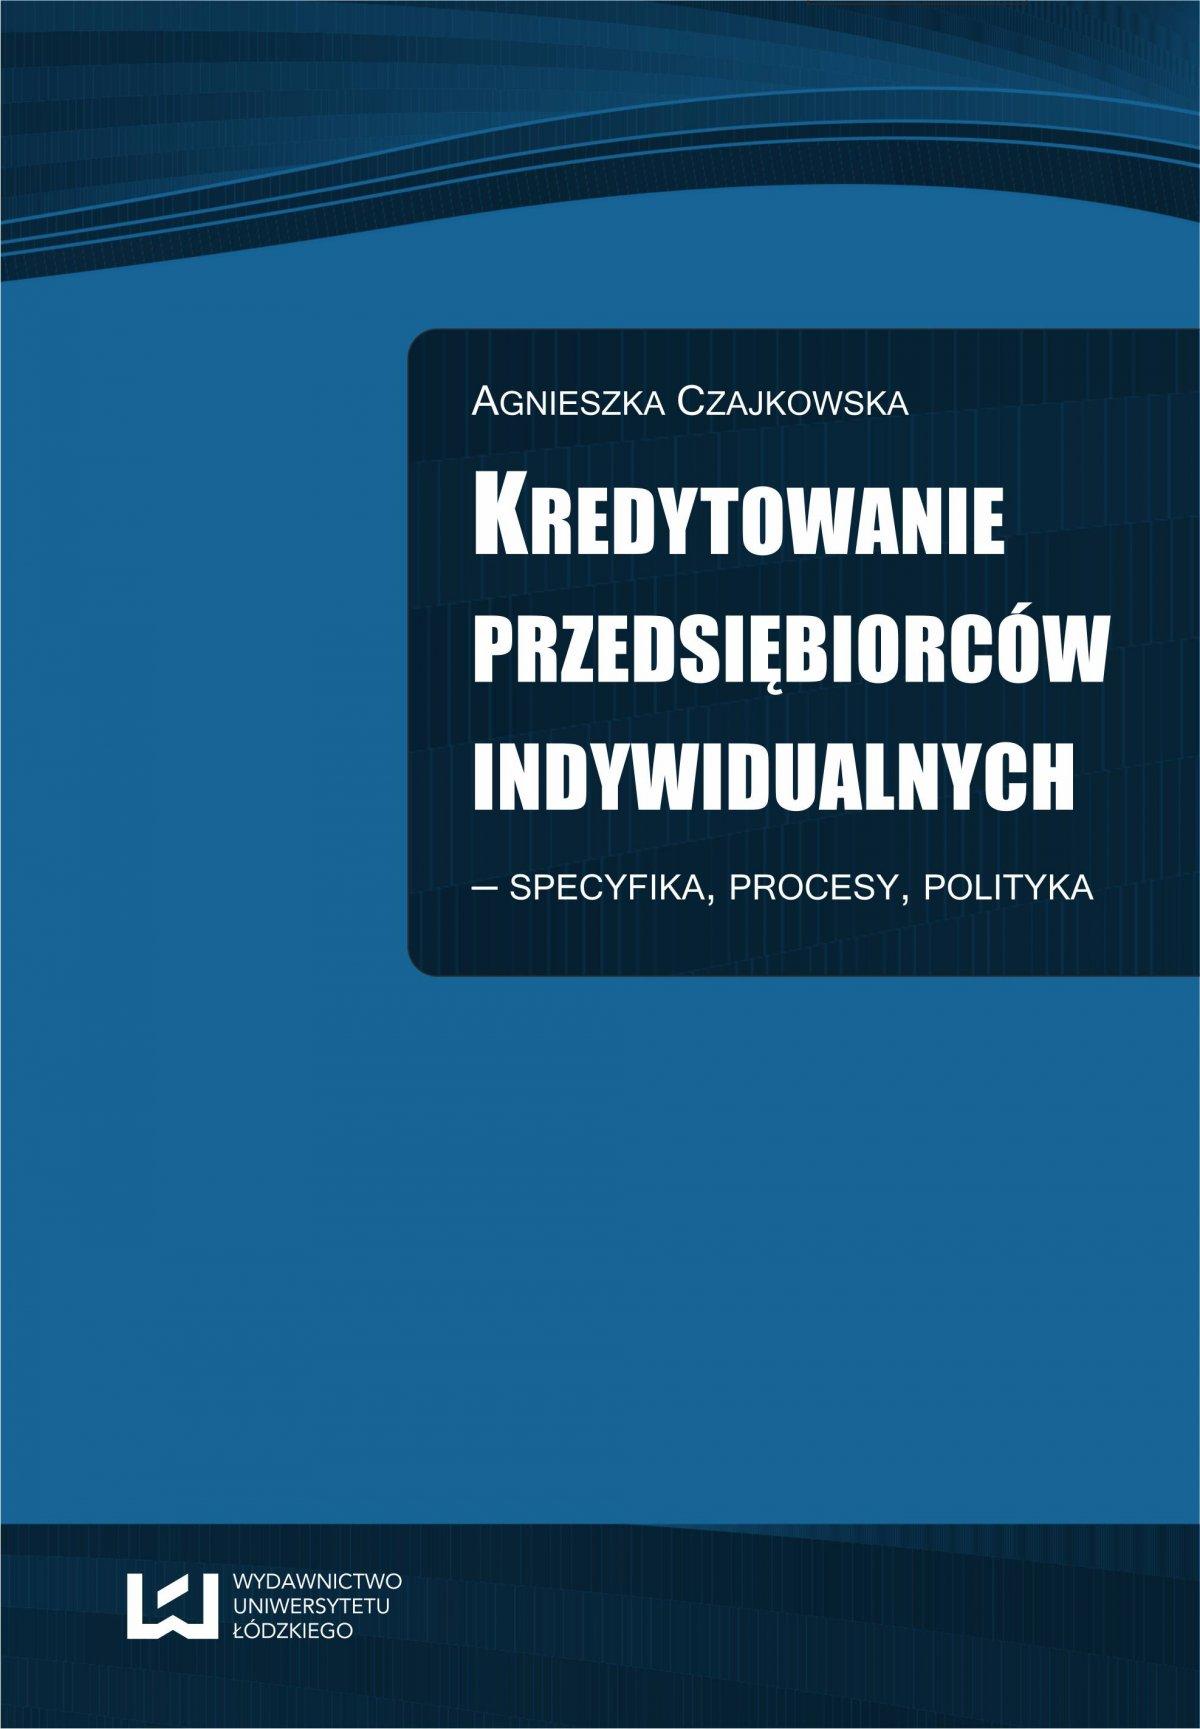 Kredytowanie przedsiębiorców indywidualnych – Specyfika, procesy, polityka - Ebook (Książka PDF) do pobrania w formacie PDF